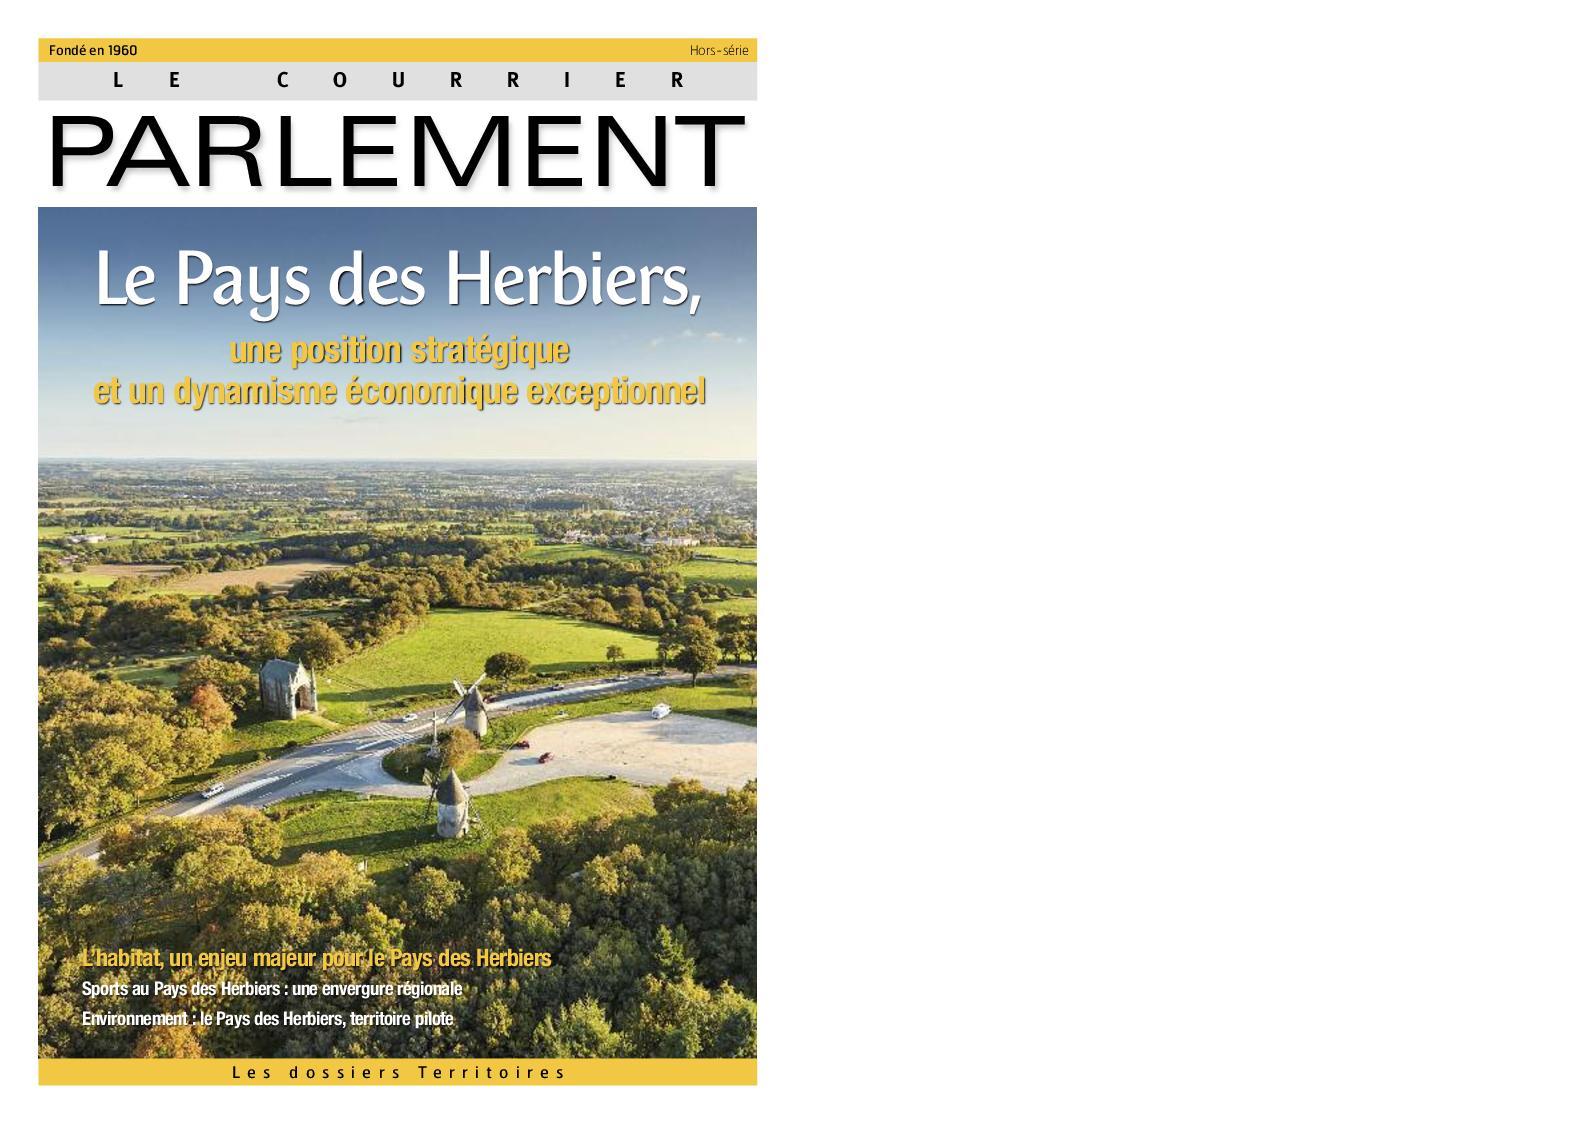 L Herbier Du Midi Produits Naturels calaméo - hors serie courrier du parlement